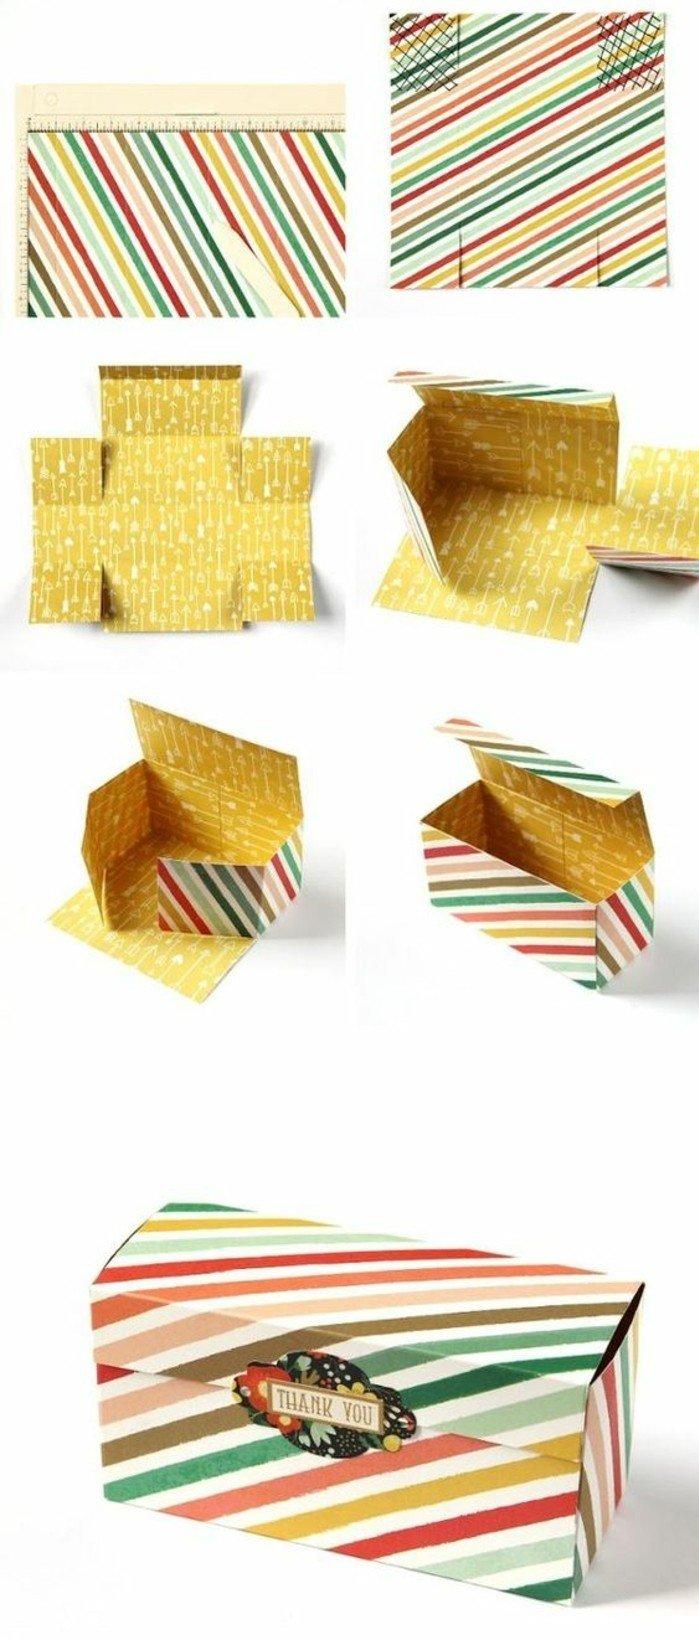 Comment fabriquer une boite en papier - Patron boite en carton rectangulaire ...